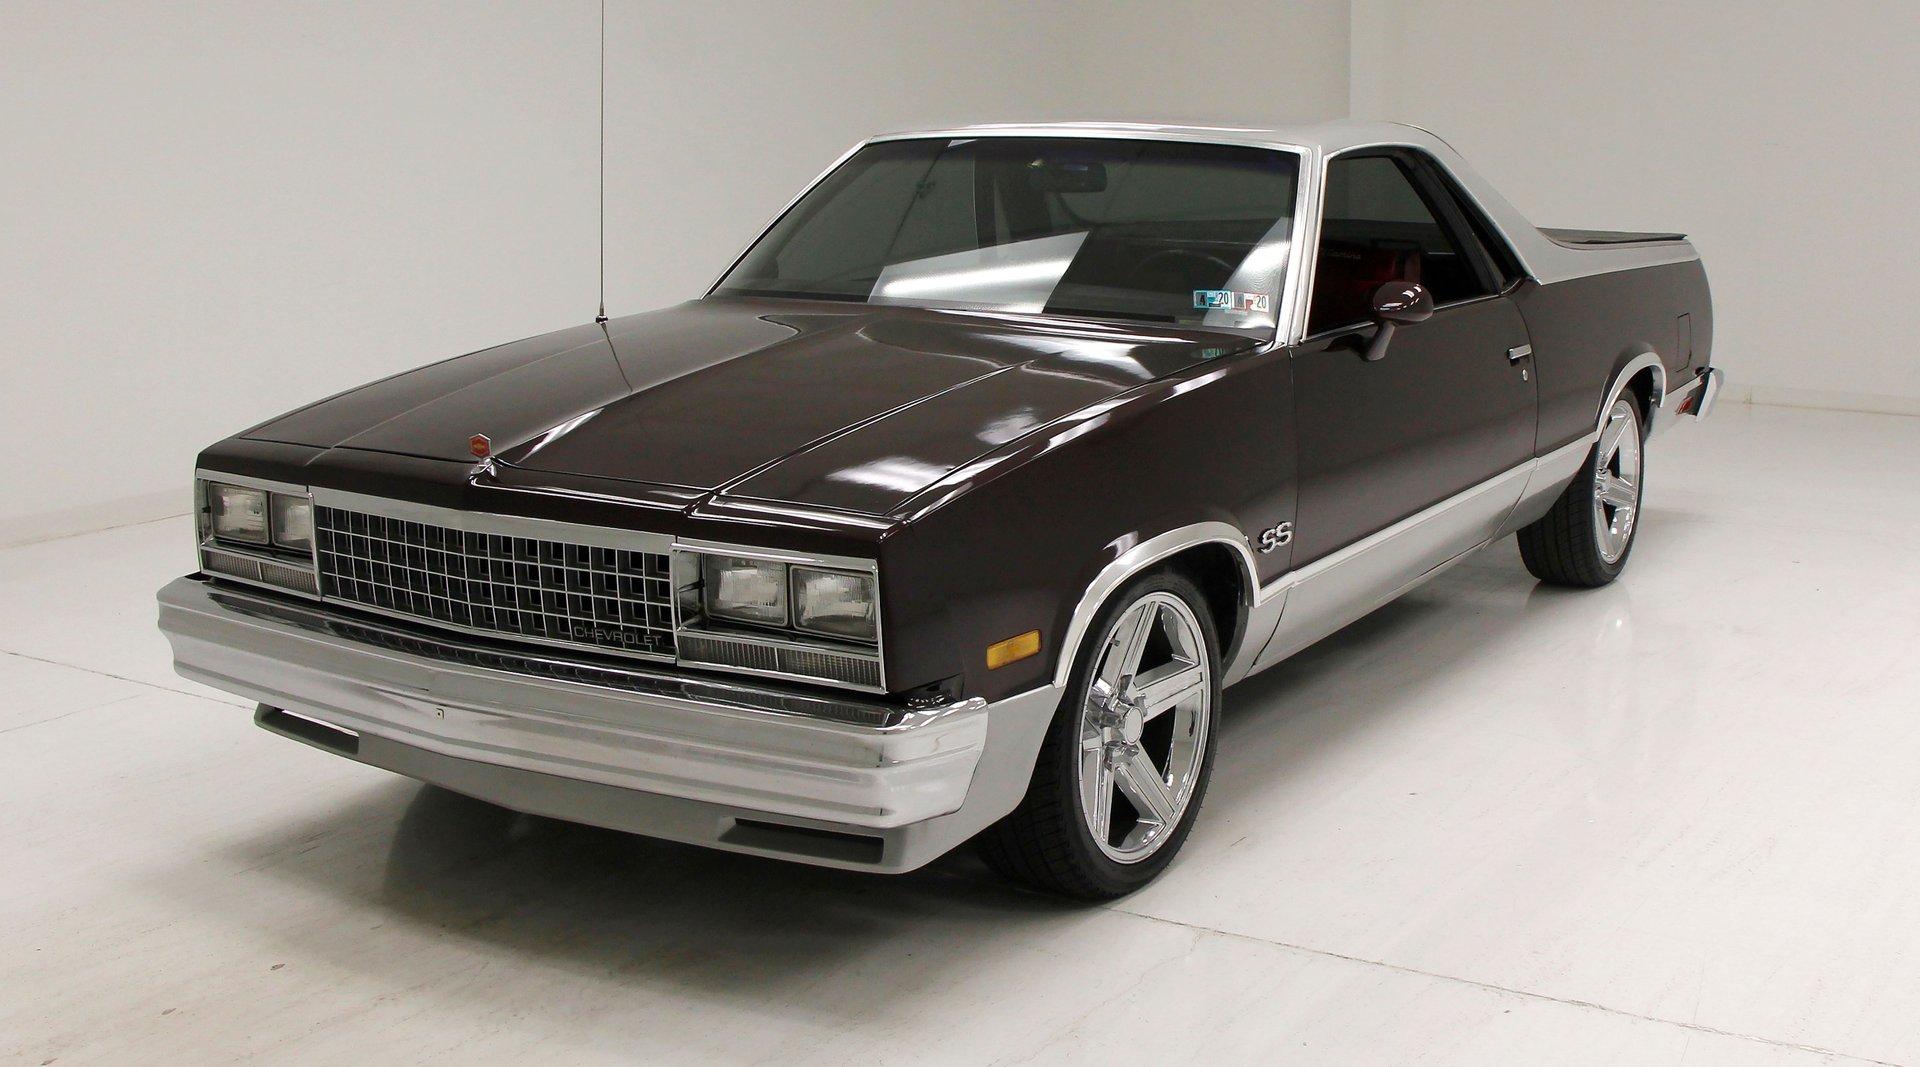 1985 Chevrolet El Camino